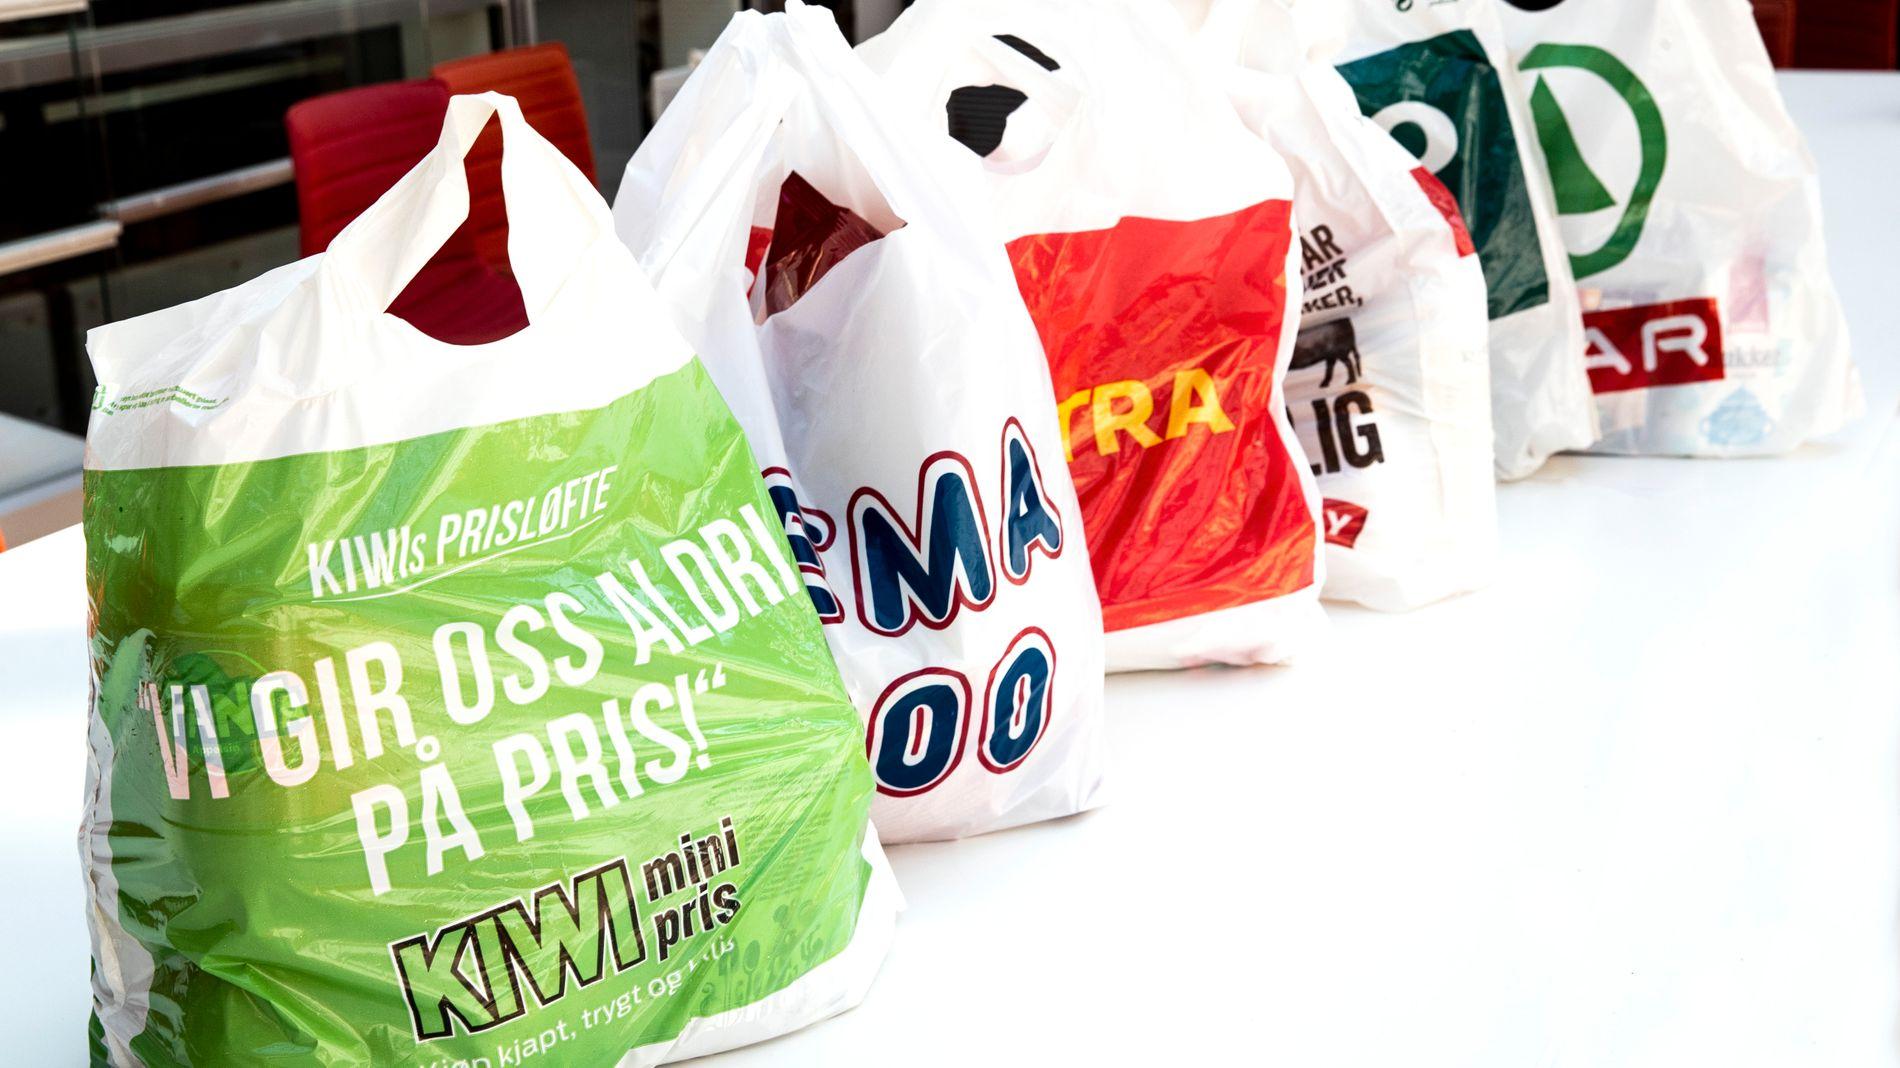 KUN LAVPRISSEGMENTET VOKSER: Dagligvaremarkedet økte antallet butikker med åtte i første halvår. Det var vekst kun i lavprissegmentet.